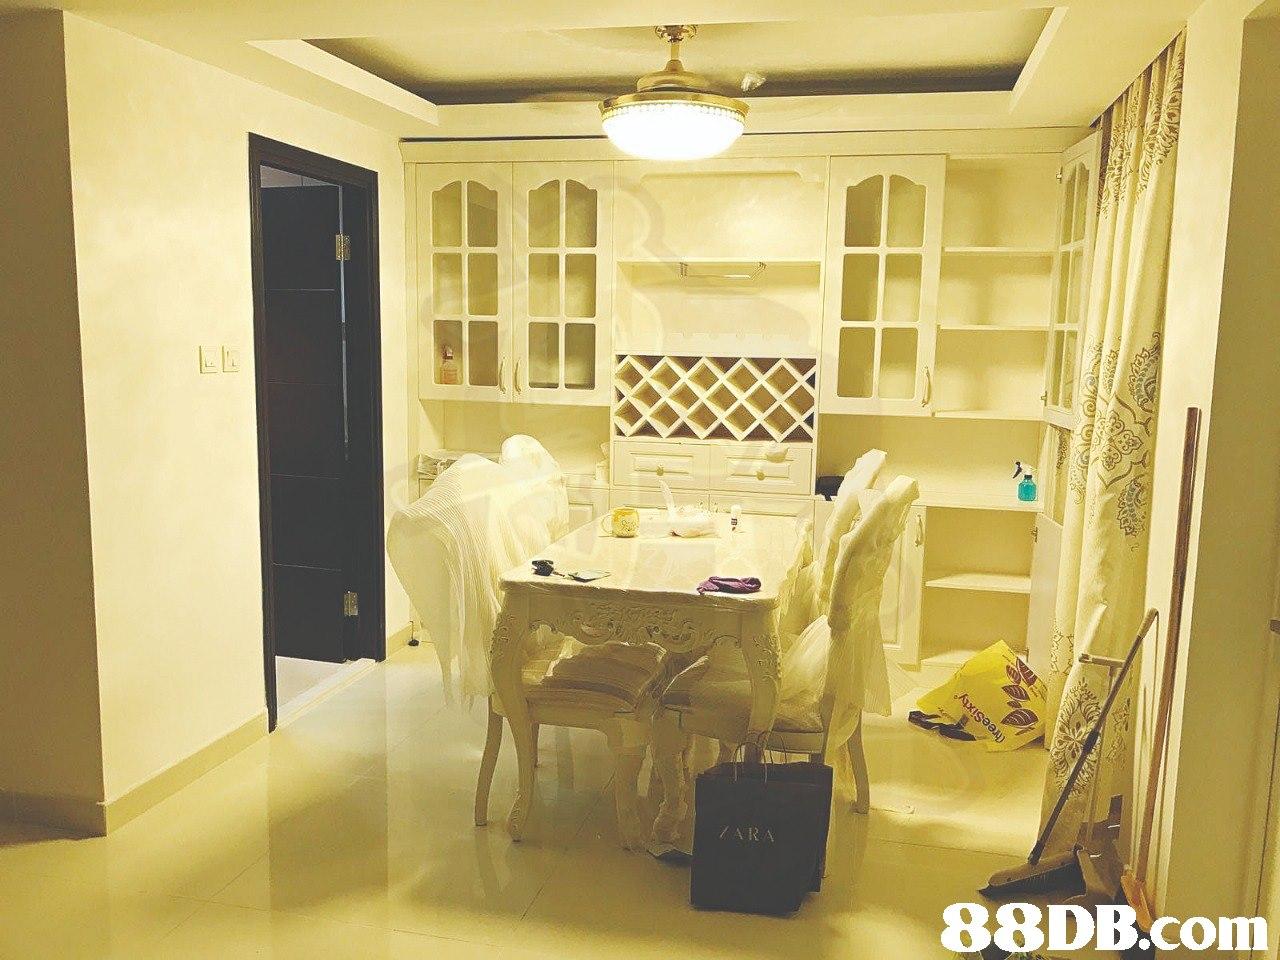 ARA   Room,Property,Interior design,Furniture,Ceiling